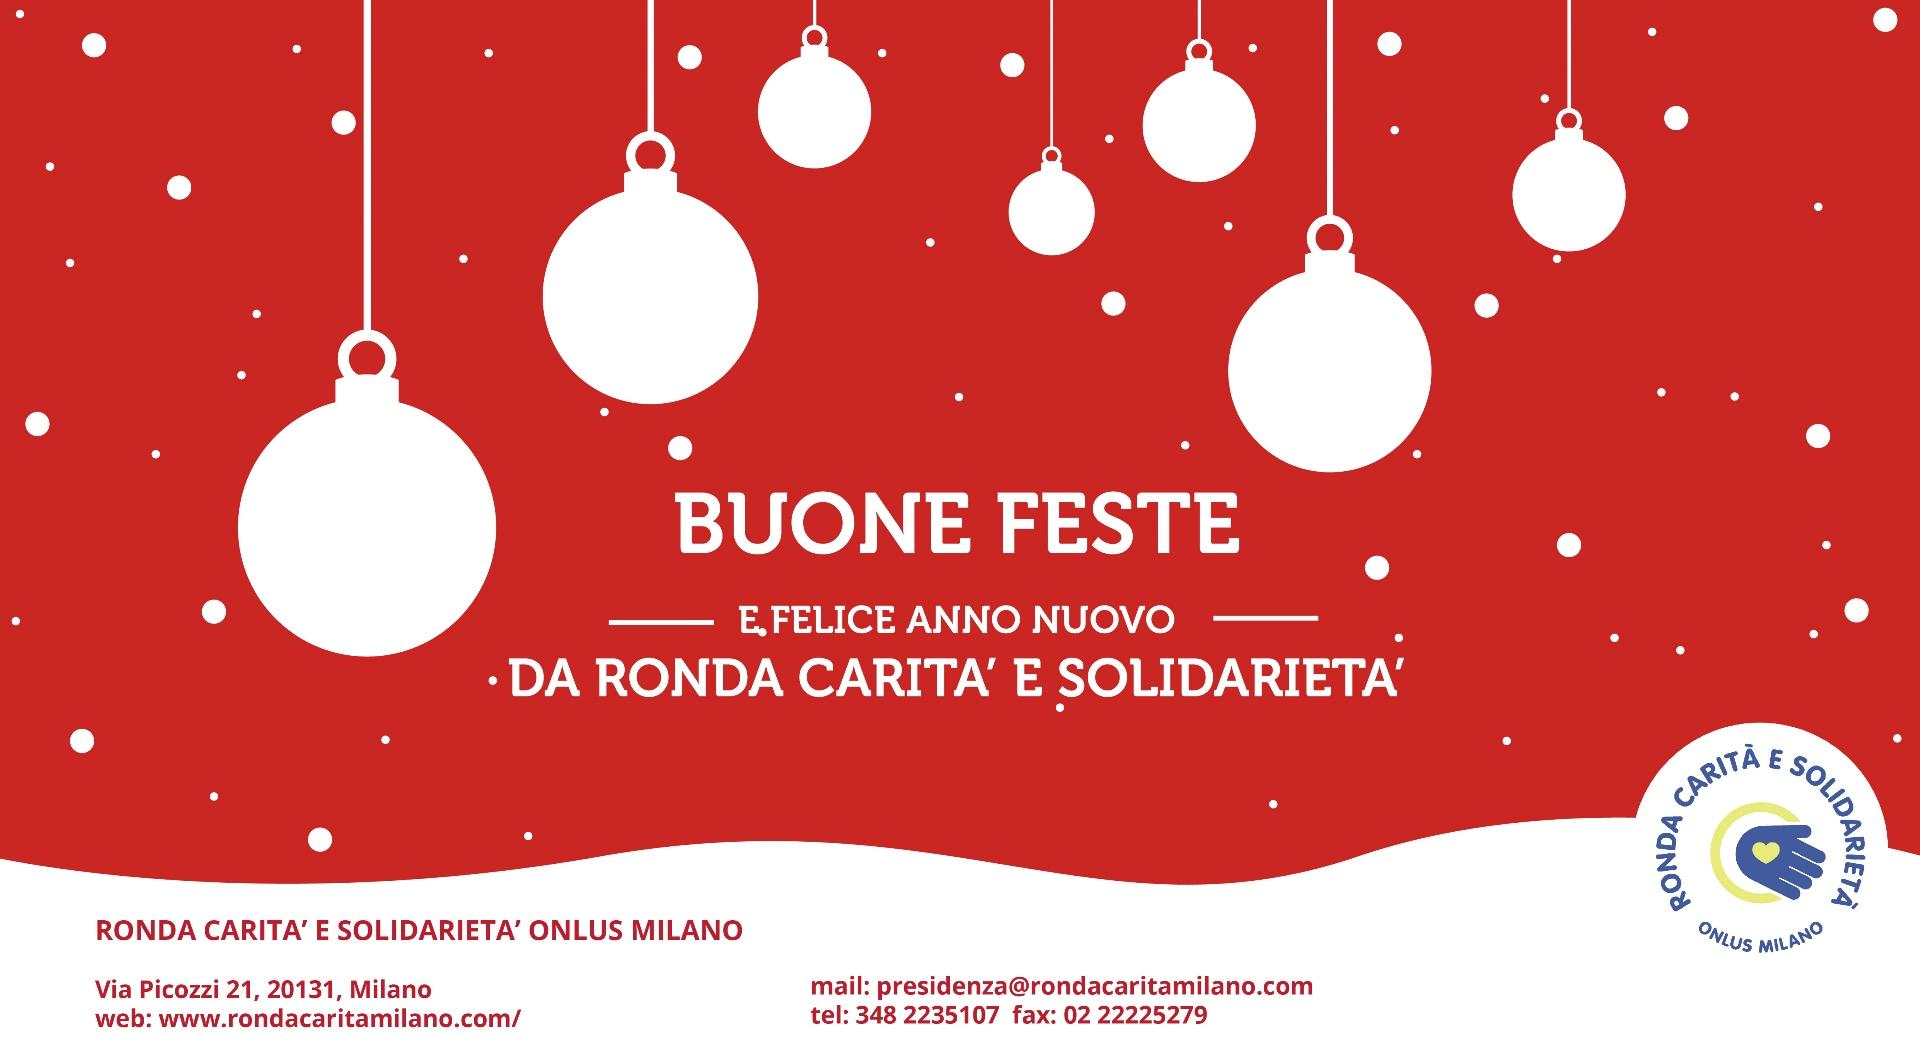 Ecard natalizia Ronda Carità e Solidarietà